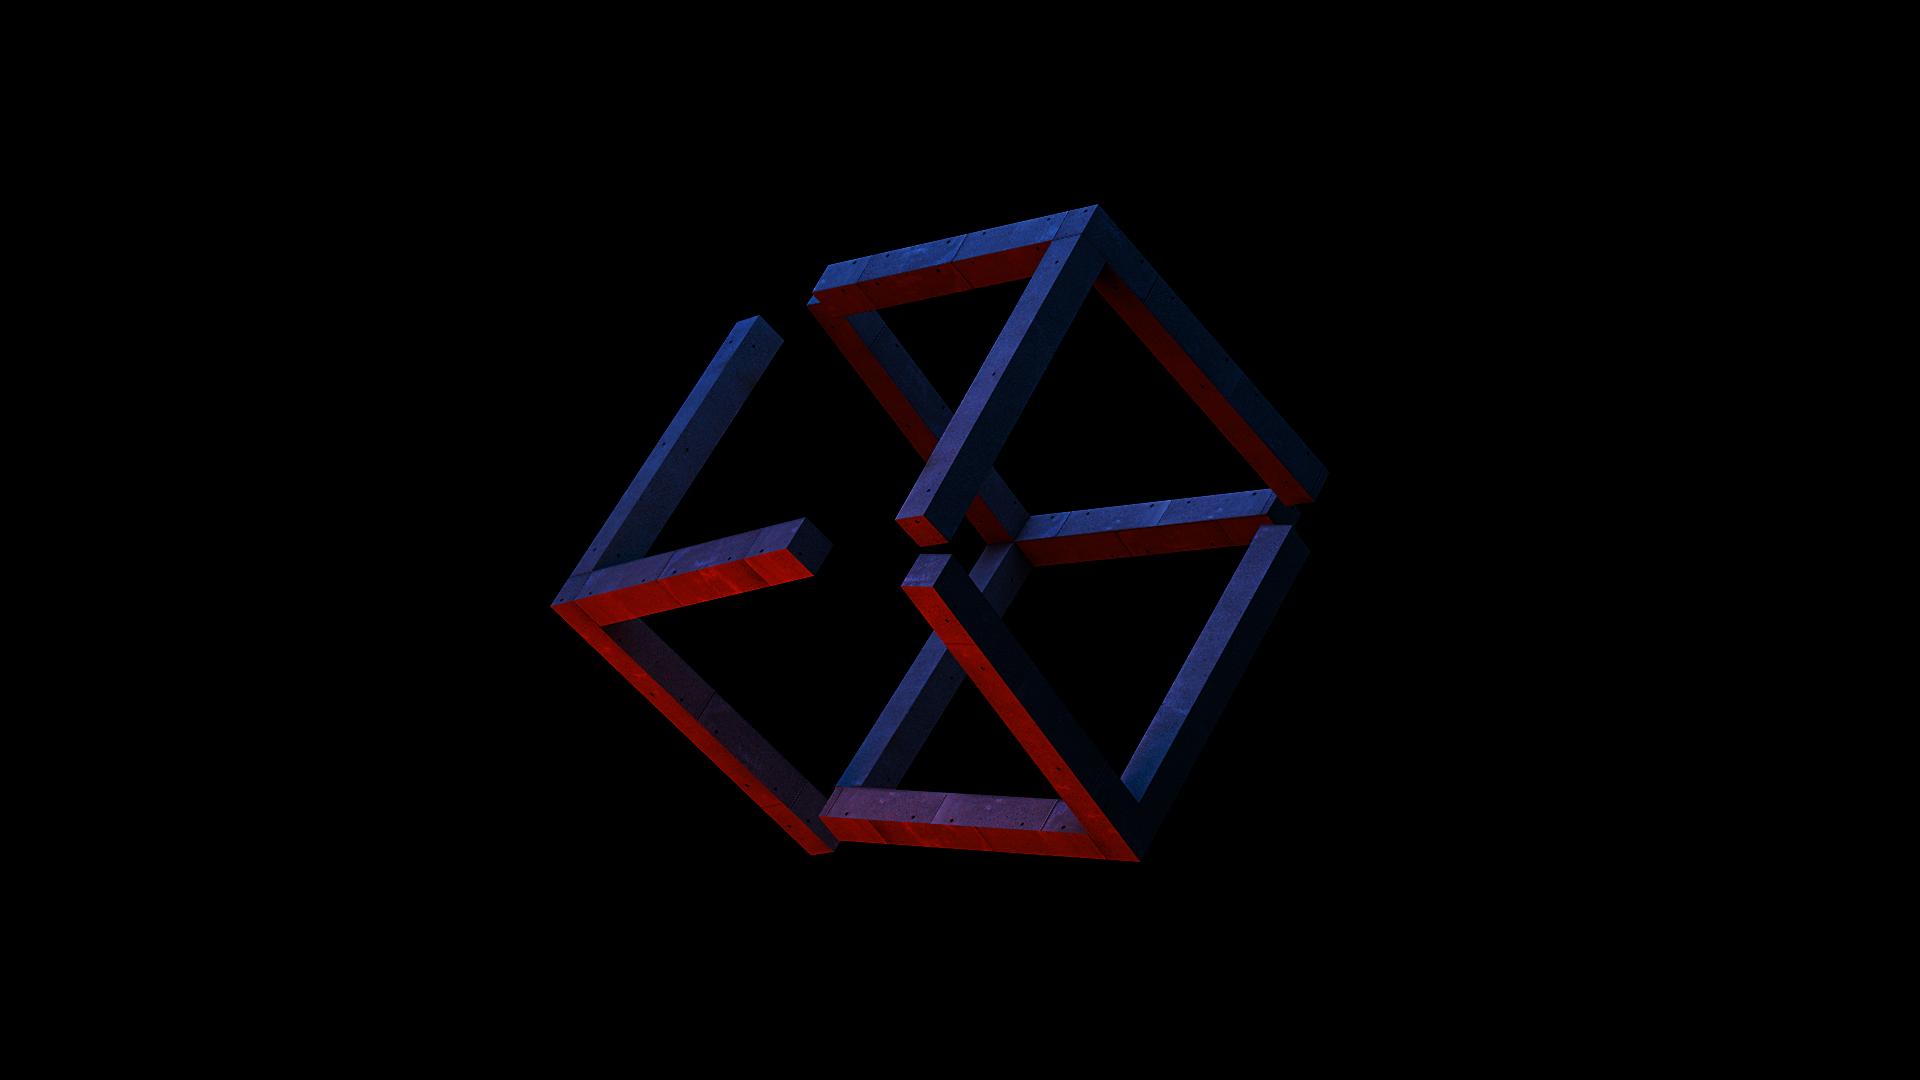 200706-MatrixCube-16x9_00326